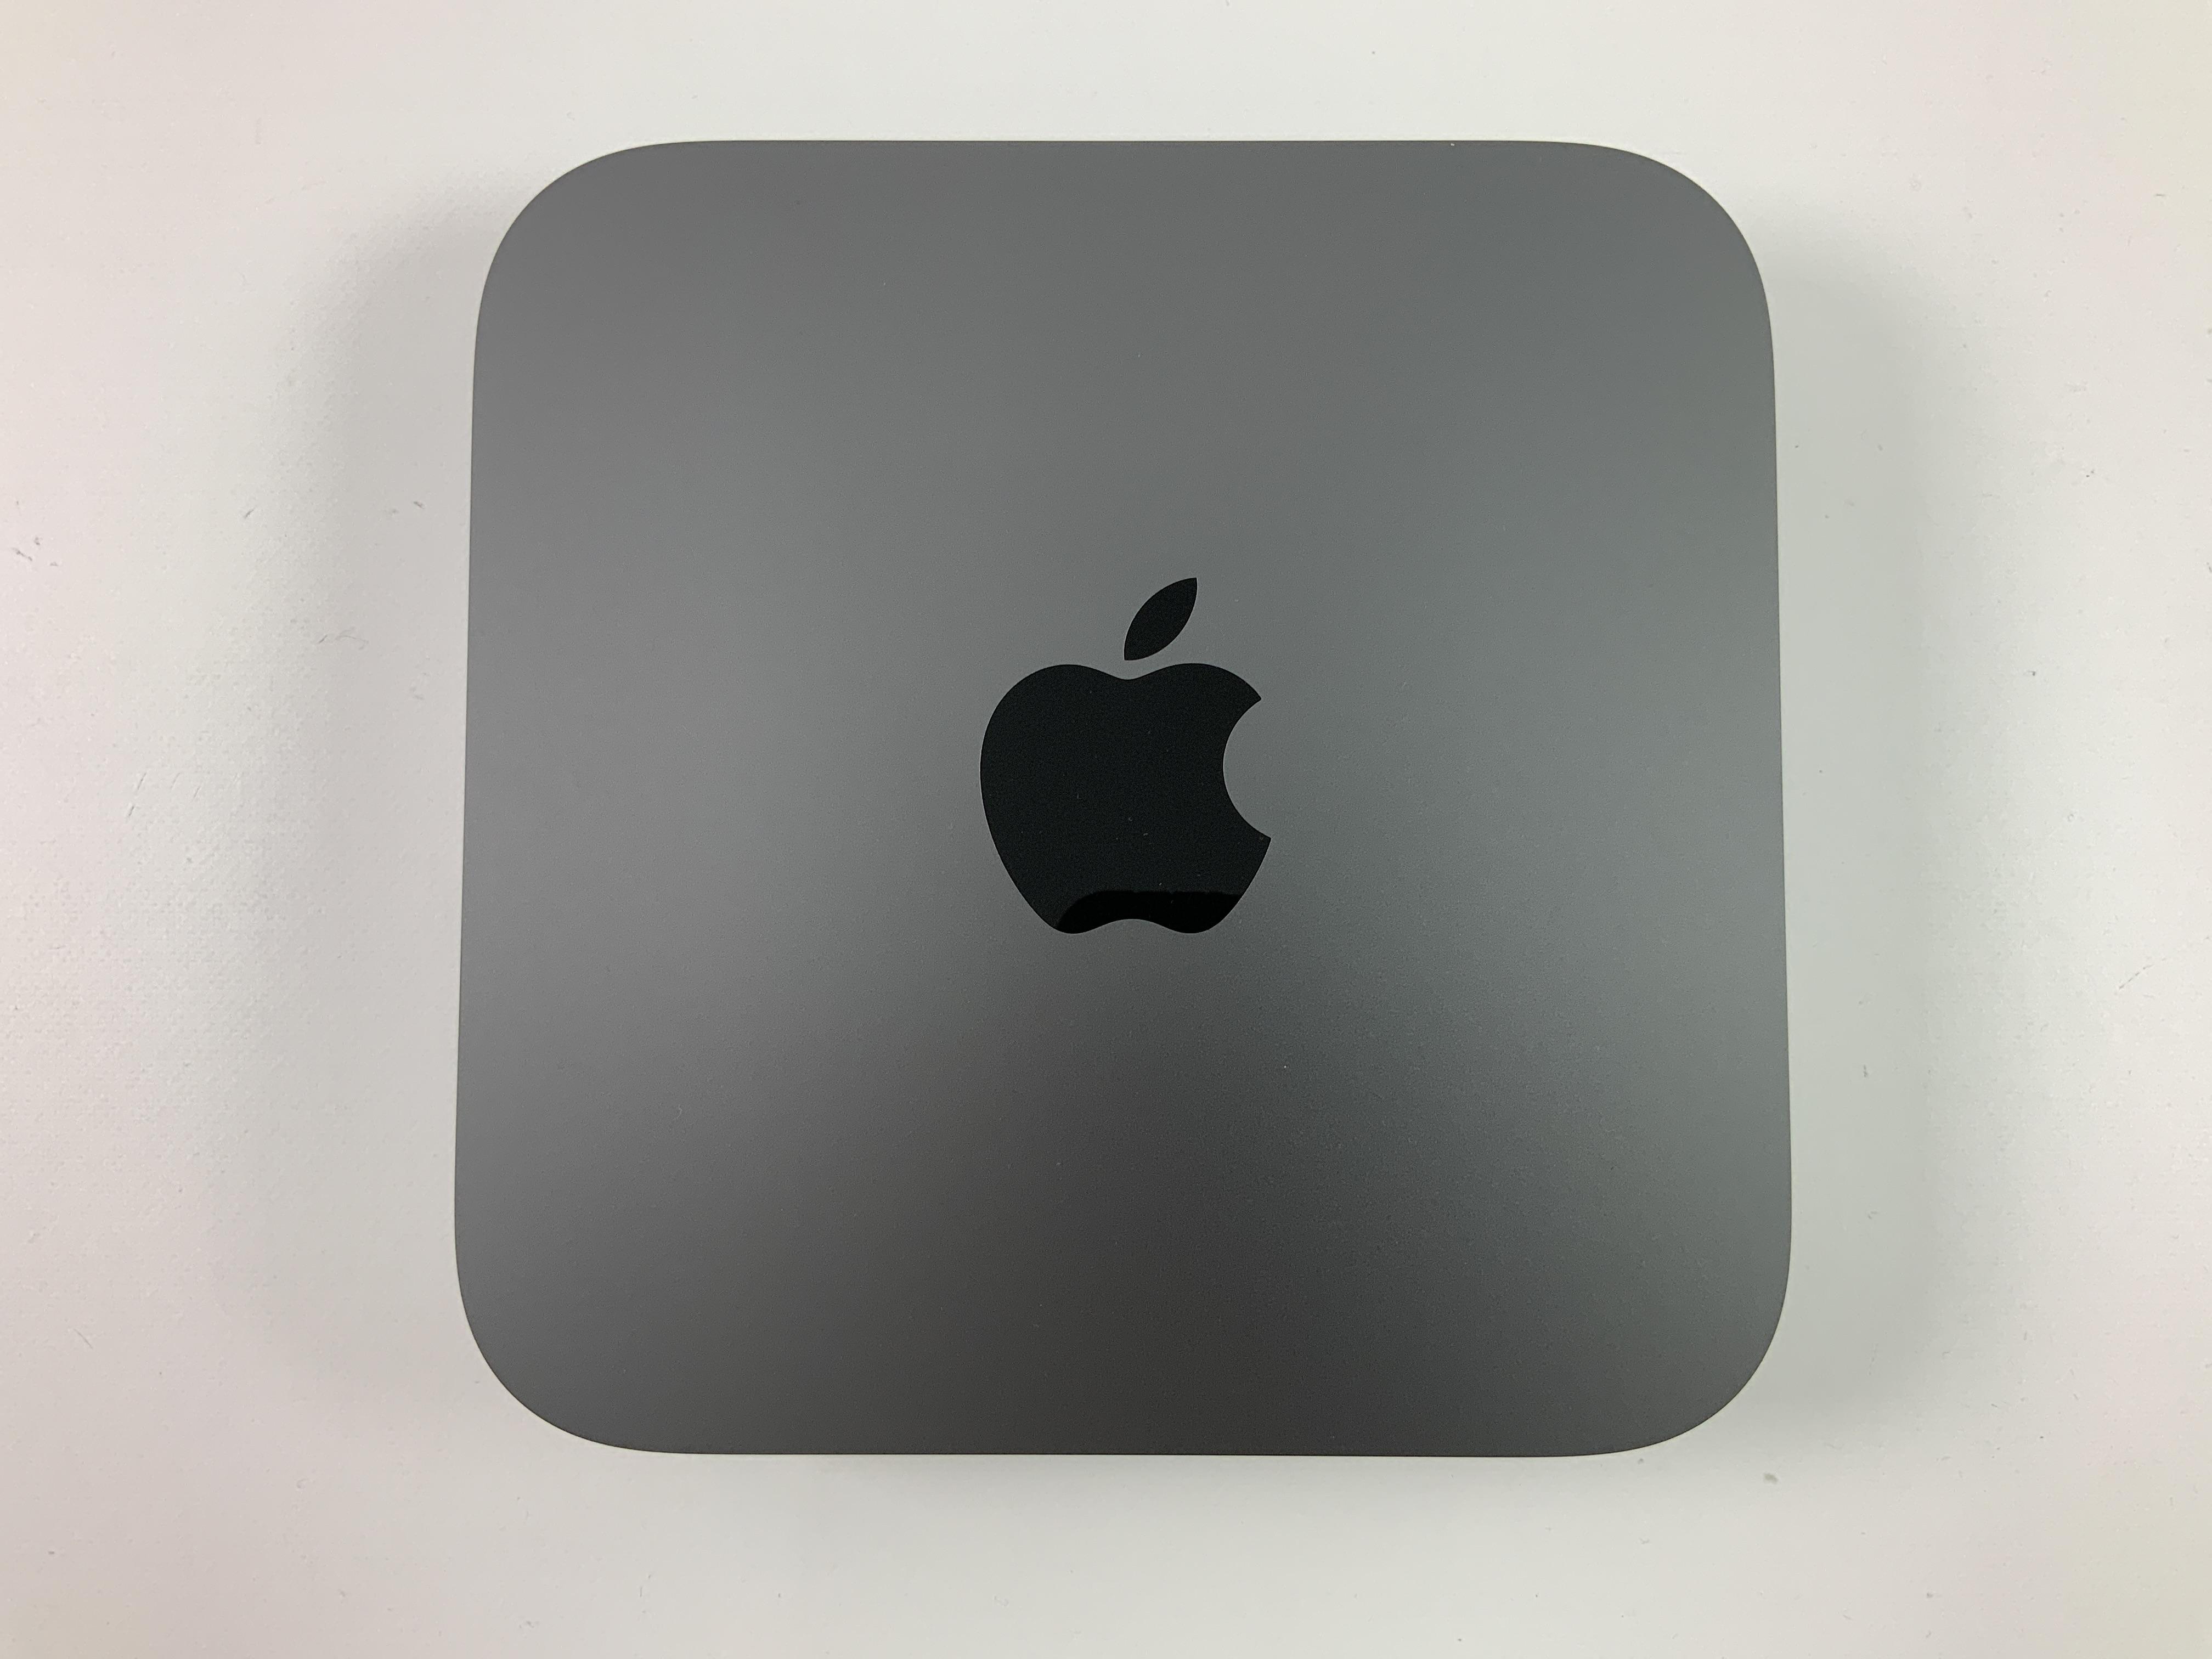 Mac Mini Late 2018 (Intel 6-Core i5 3.0 GHz 8 GB RAM 512 GB SSD), Intel 6-Core i5 3.0 GHz, 8 GB RAM, 512 GB SSD, Bild 1